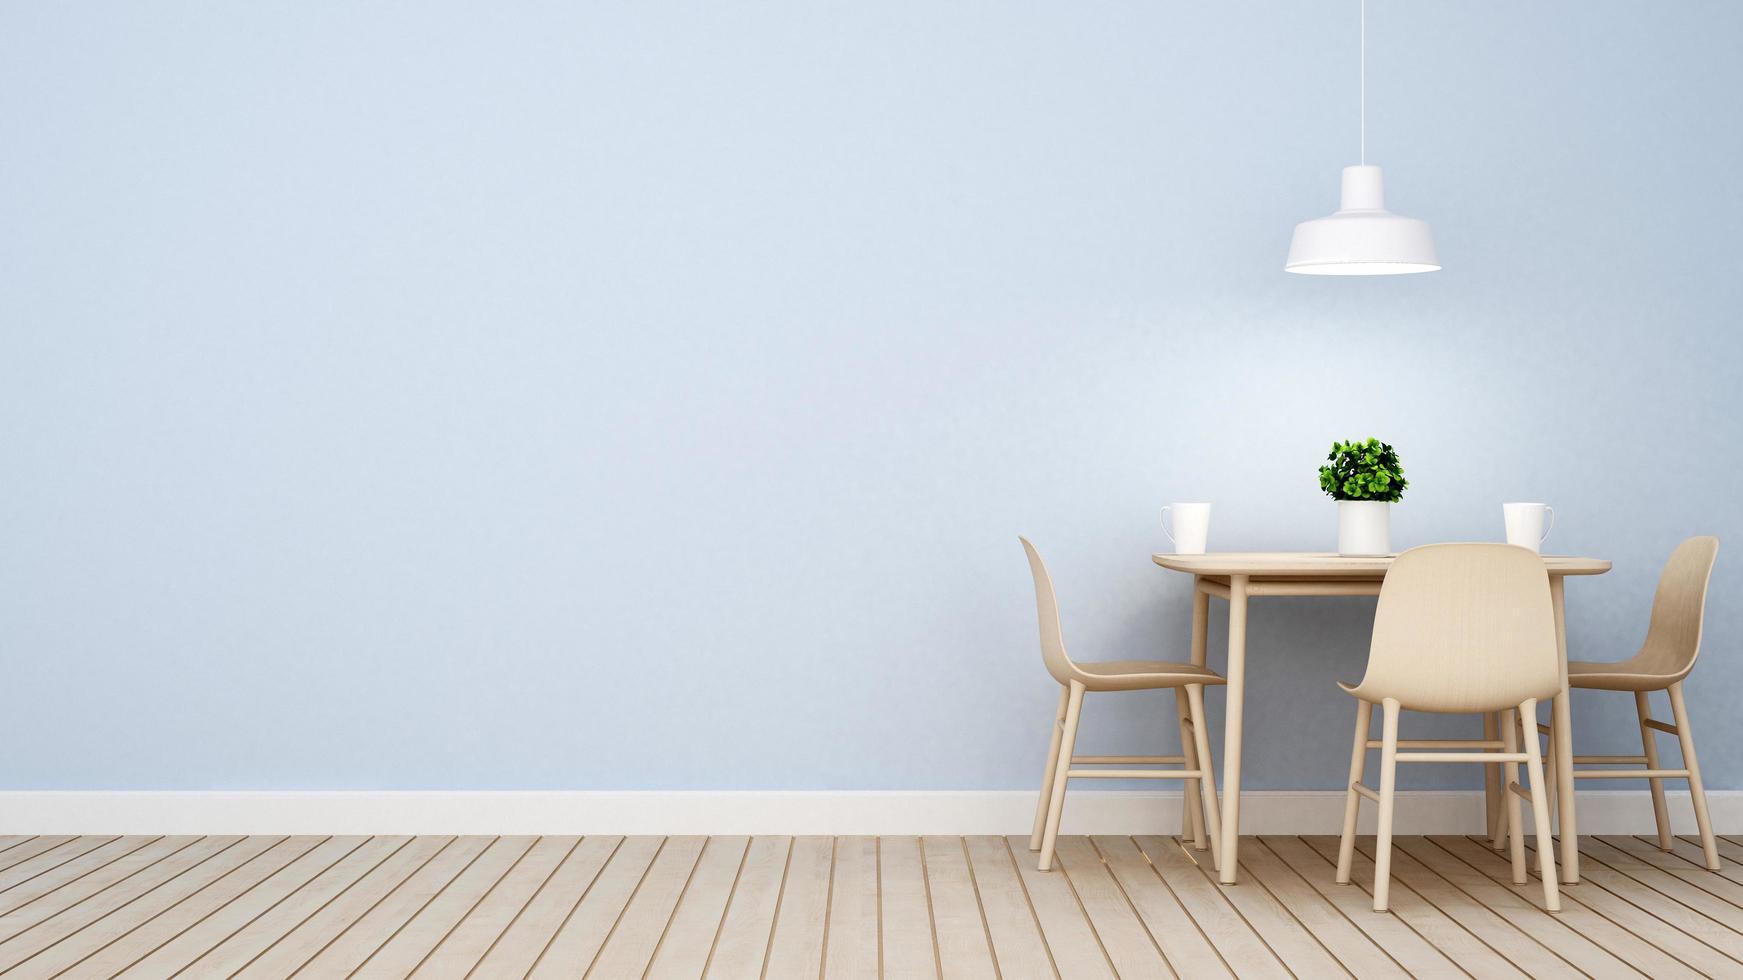 ristorante o caffetteria sul design della parete blu foto